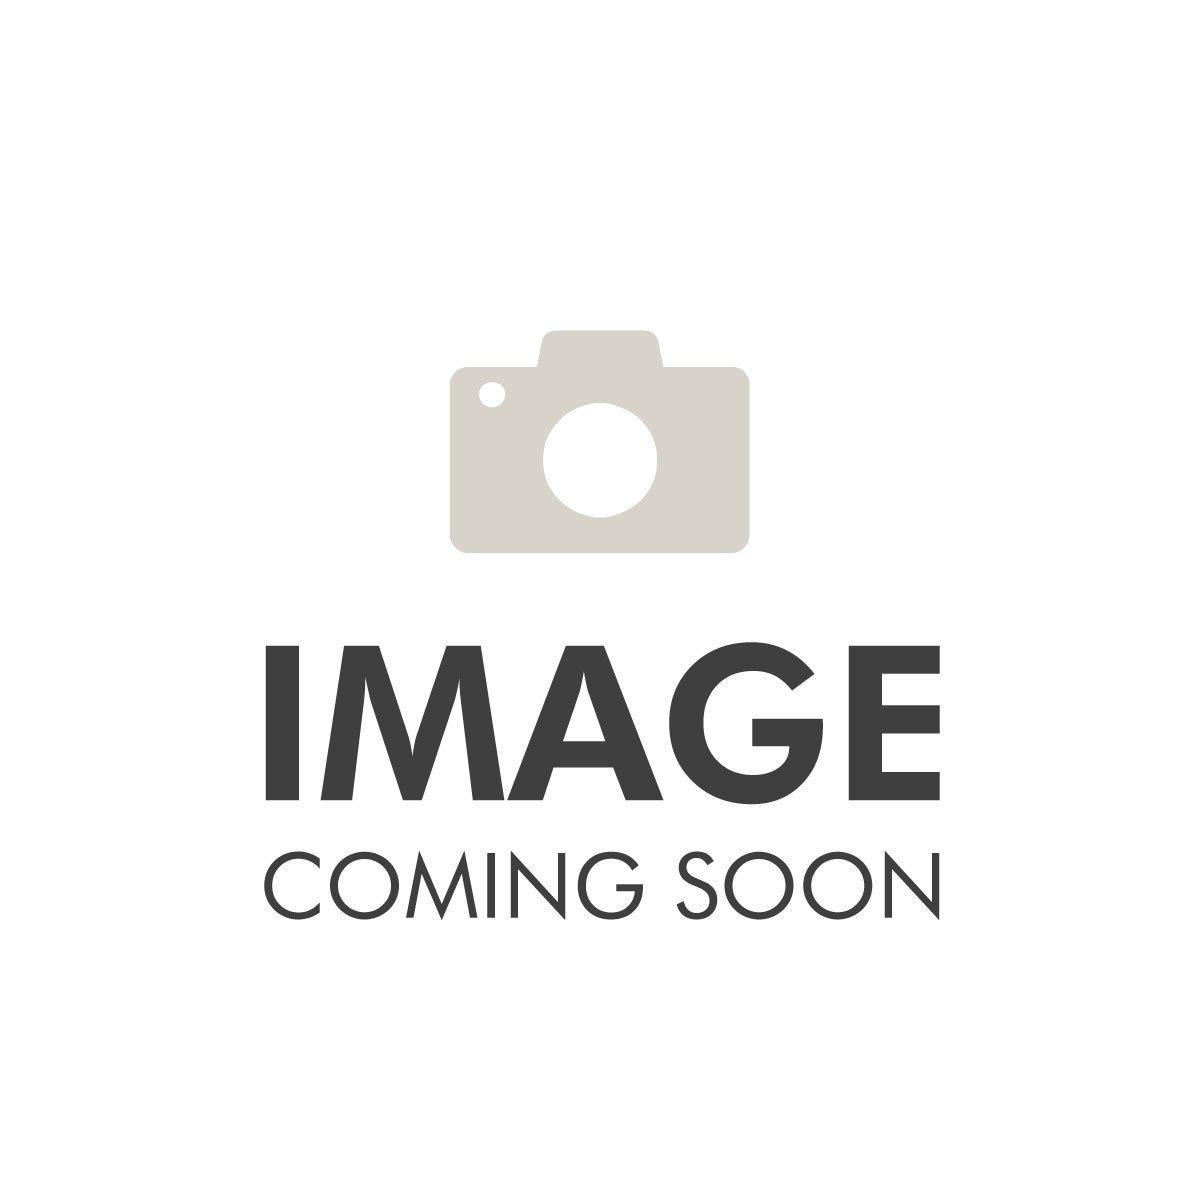 PBT - Vis de pointe de fleuret (10-Pack)